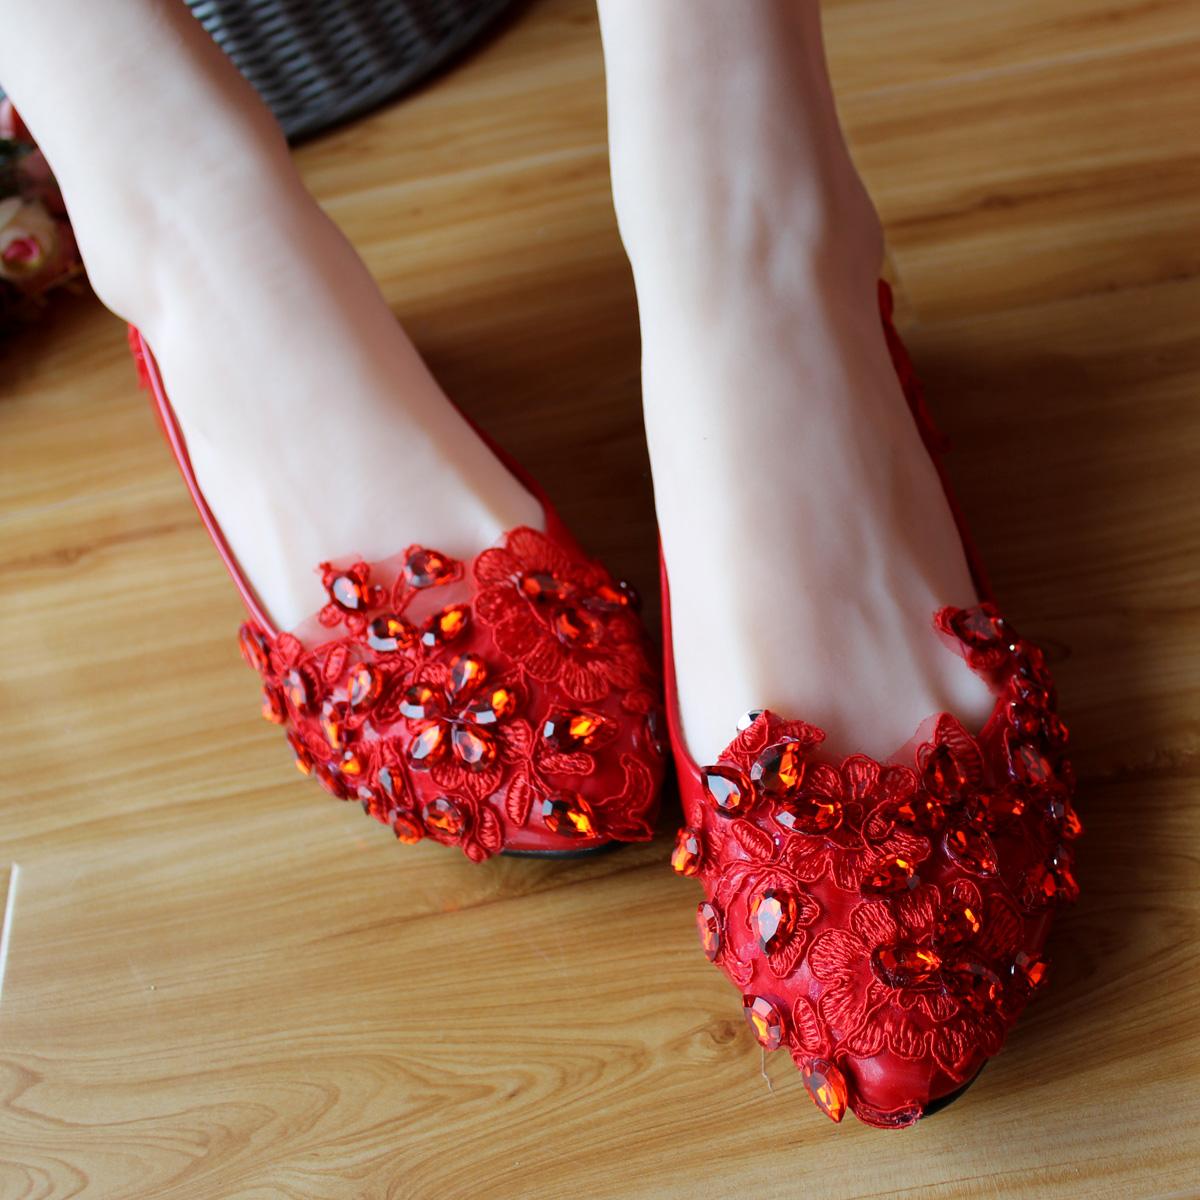 تتلون قدميكِ بجمآال اللون ىالاحمر bntpal_1456905384_49